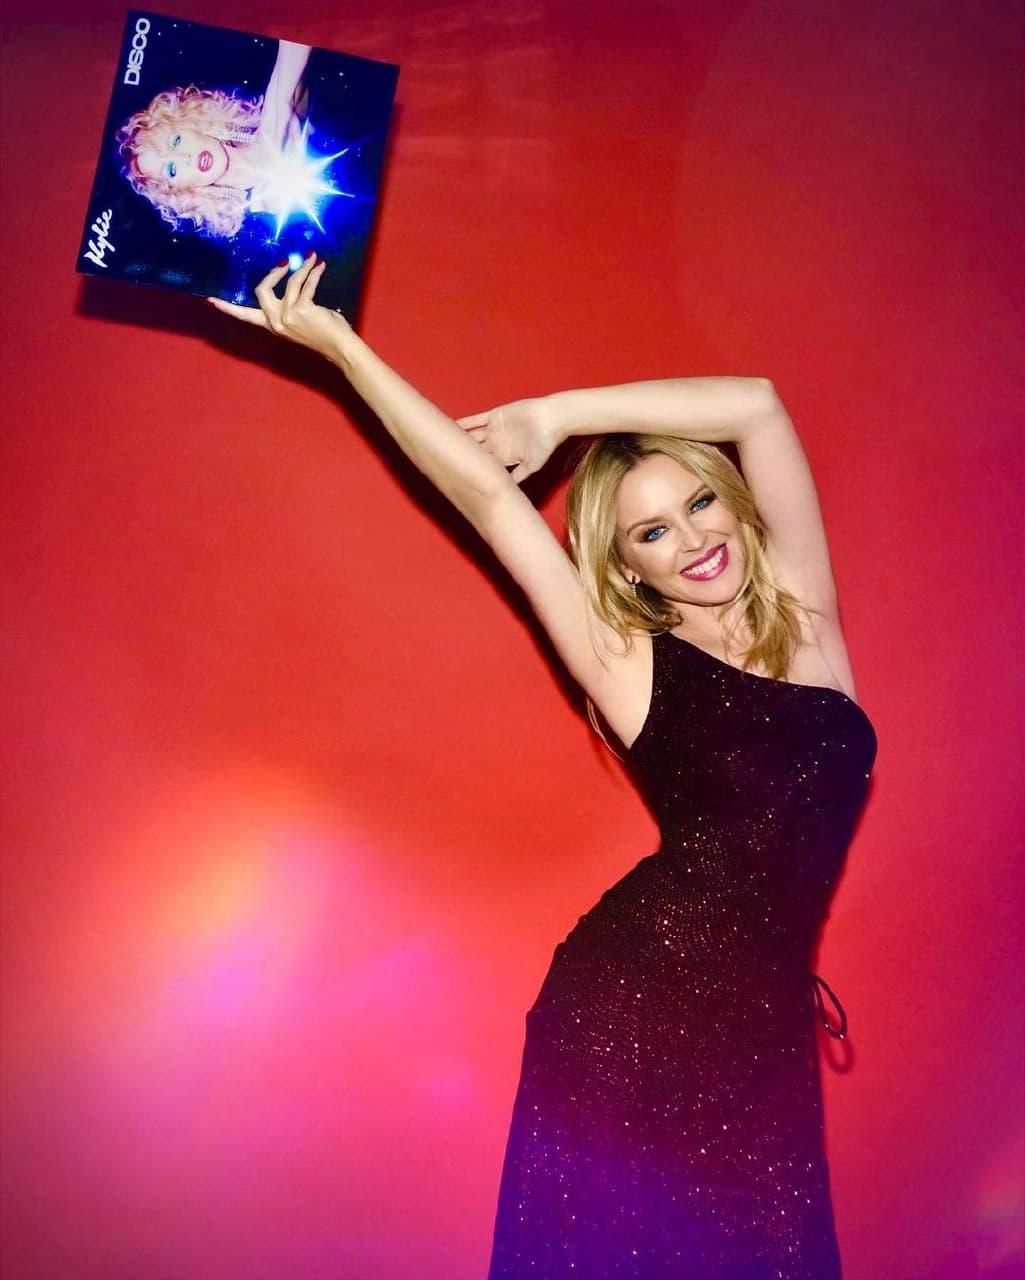 Буде Disco! Кайлі Міноуг випустила новий альбом